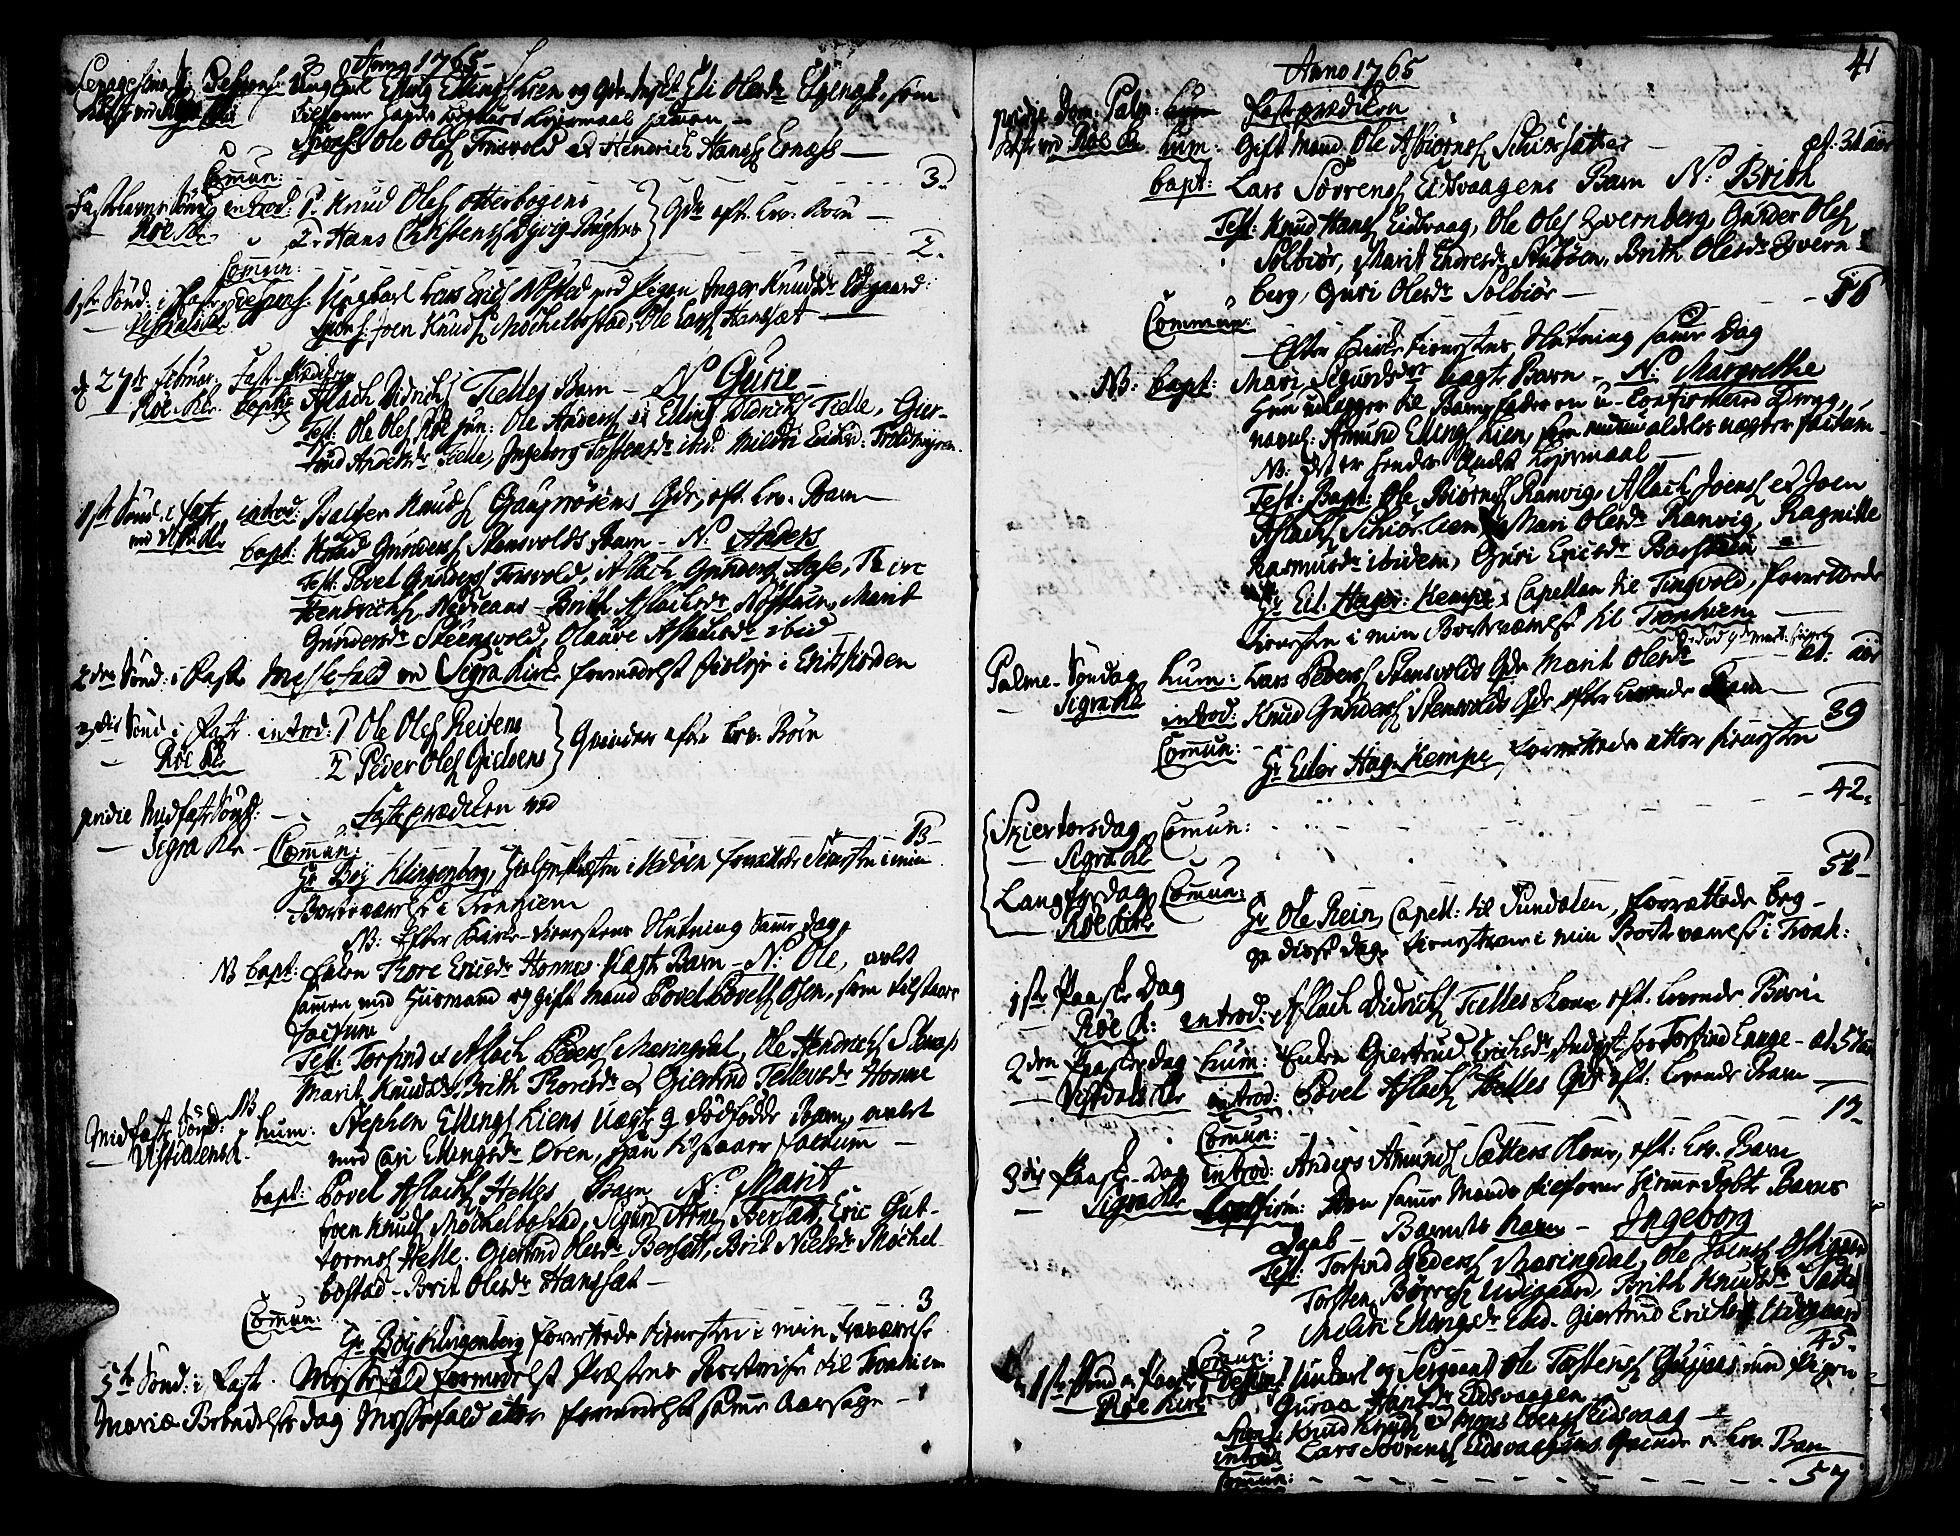 SAT, Ministerialprotokoller, klokkerbøker og fødselsregistre - Møre og Romsdal, 551/L0621: Ministerialbok nr. 551A01, 1757-1803, s. 41